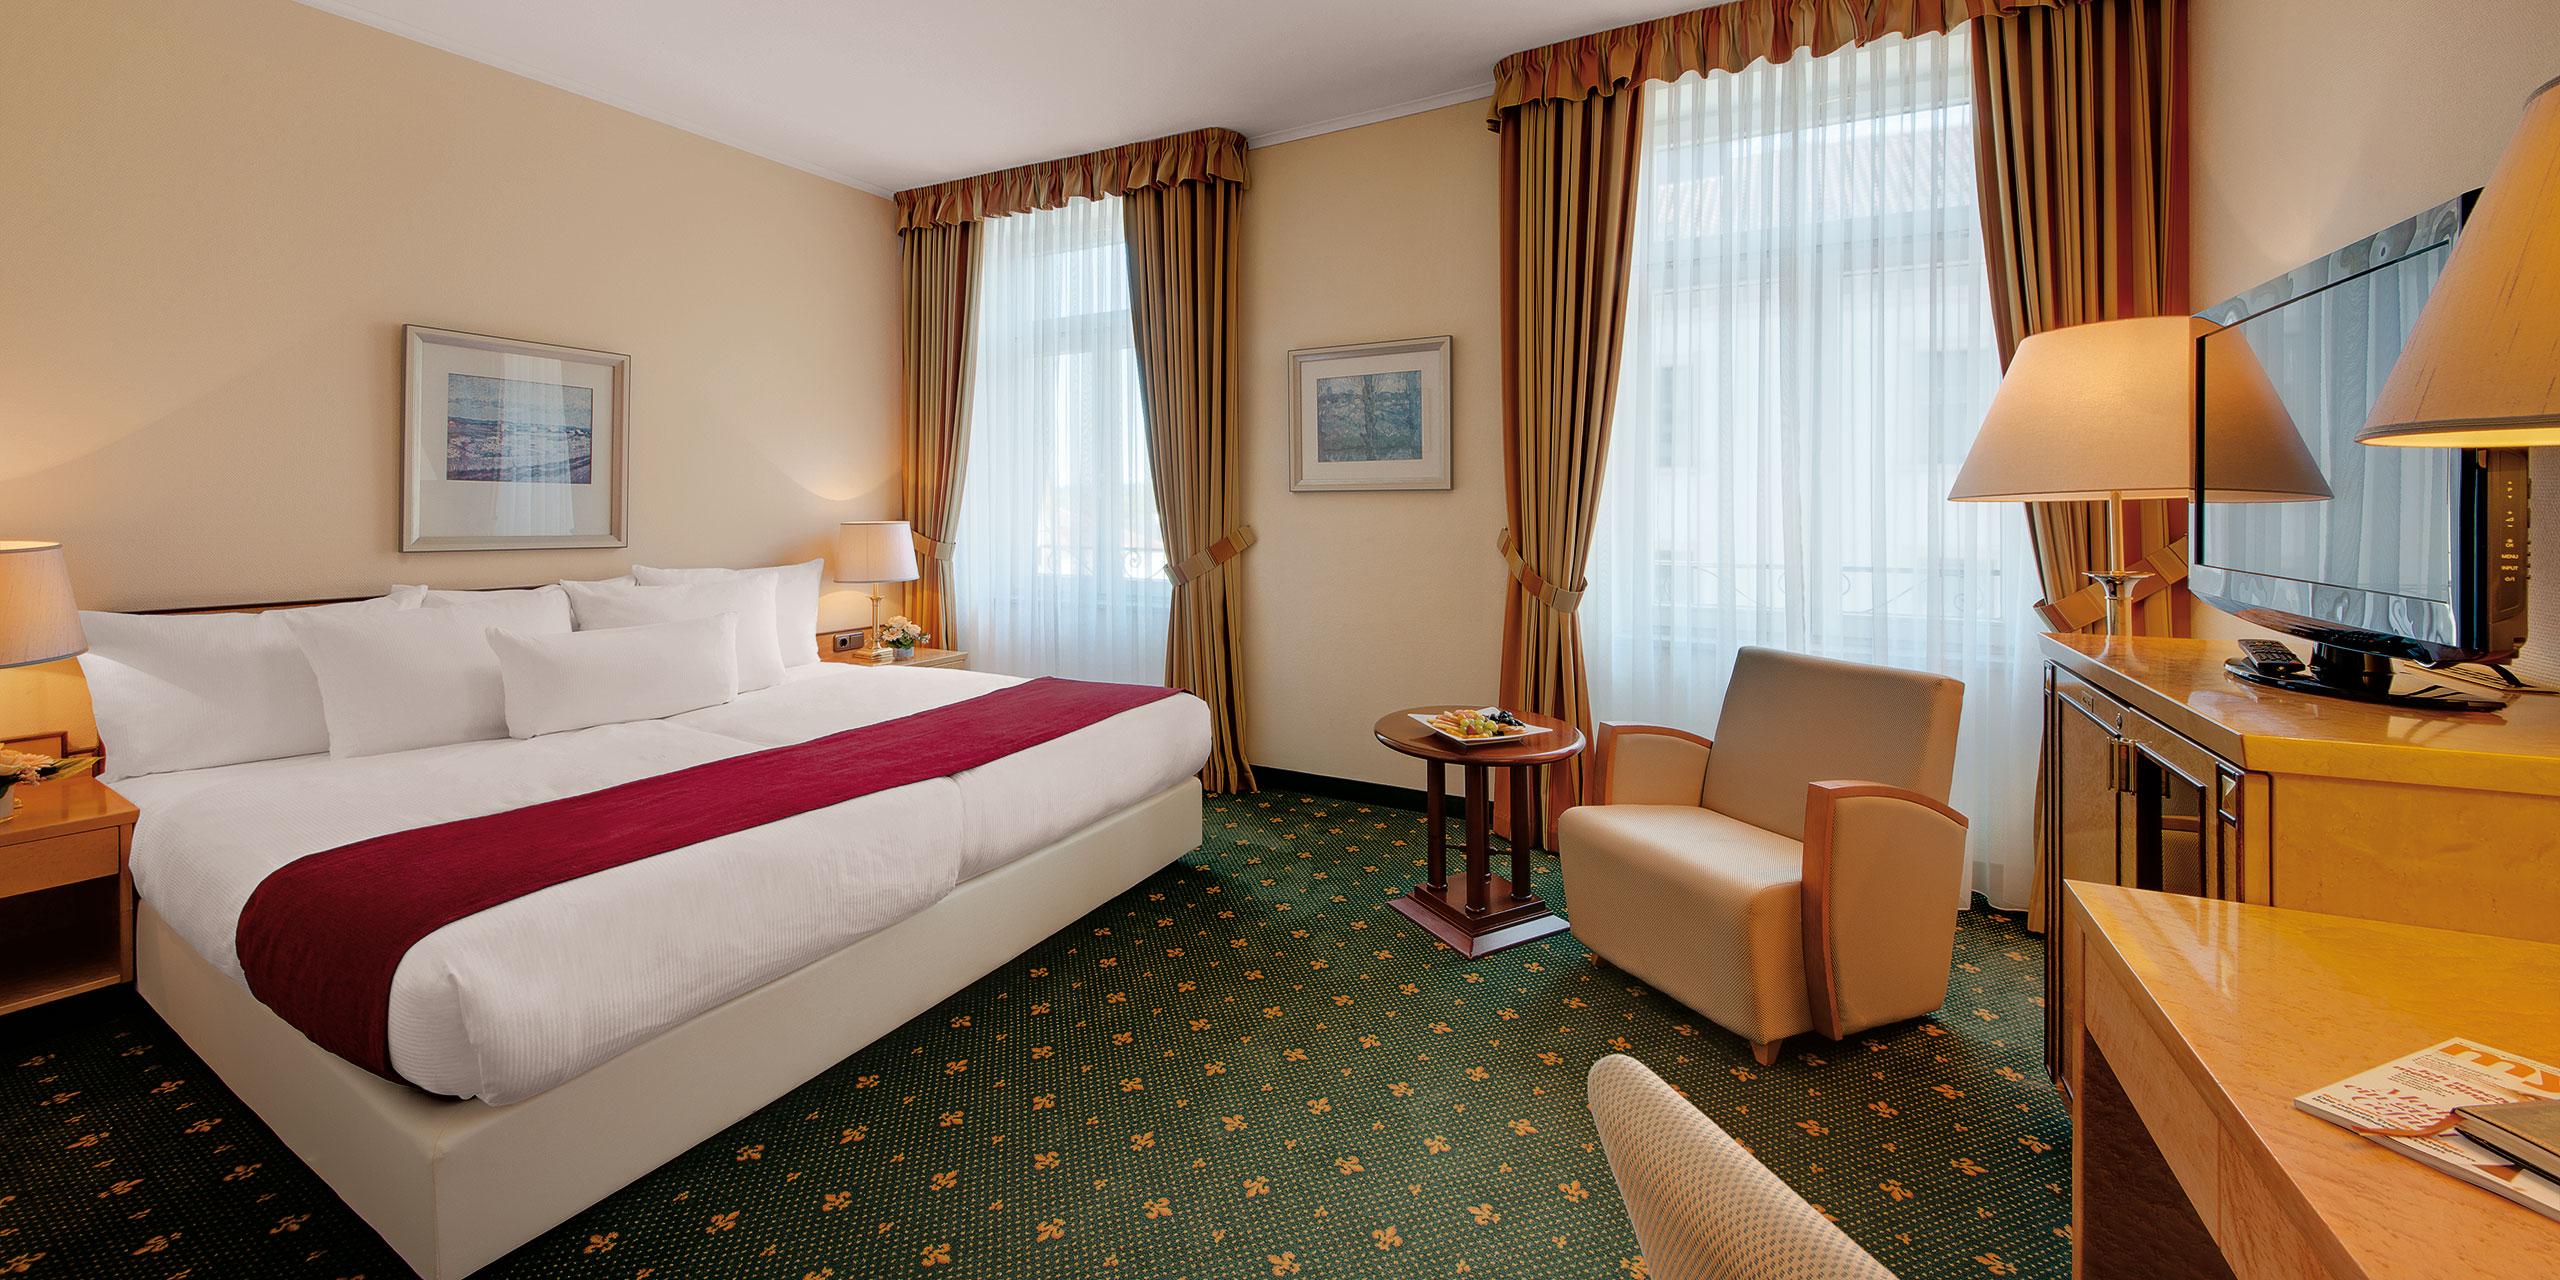 Hotel Halm Konstanz Wohnzimmer Unterkunft U0026 Reisetipps